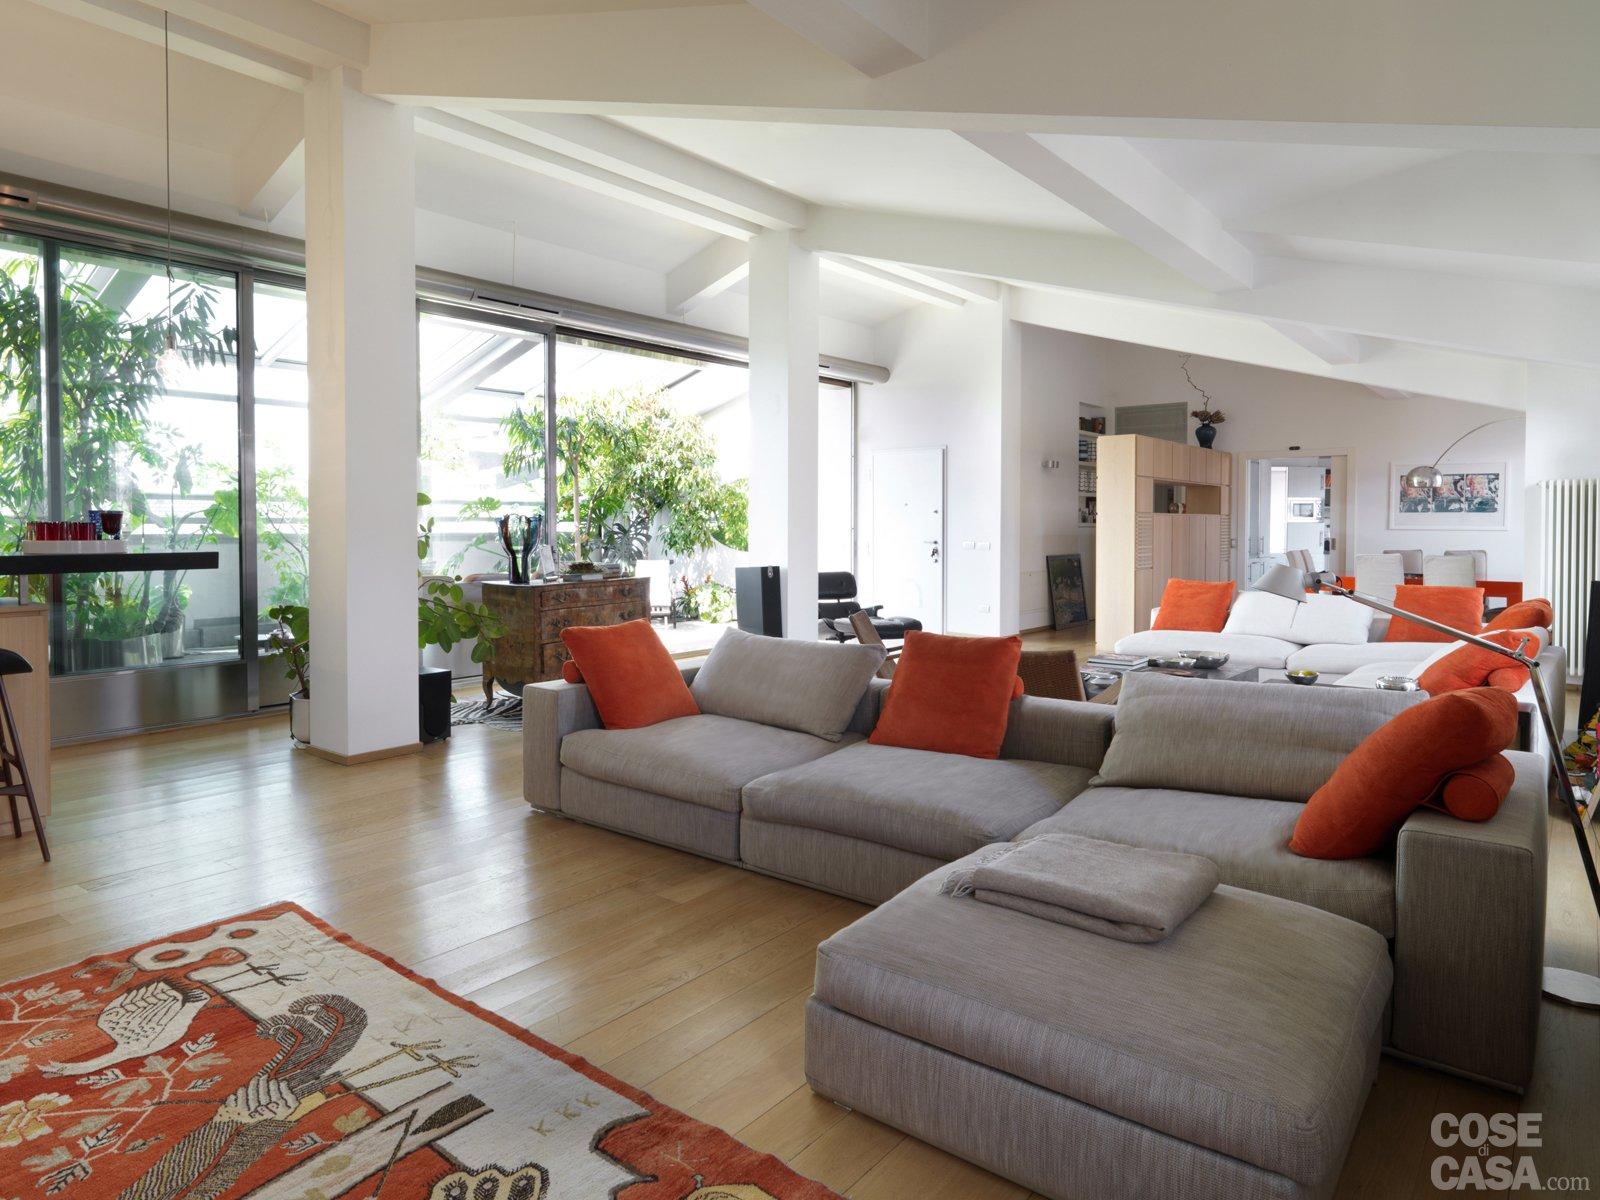 awesome cucina e salone unico ambiente pictures - skilifts.us ... - Ambiente Unico Cucina Soggiorno Casa